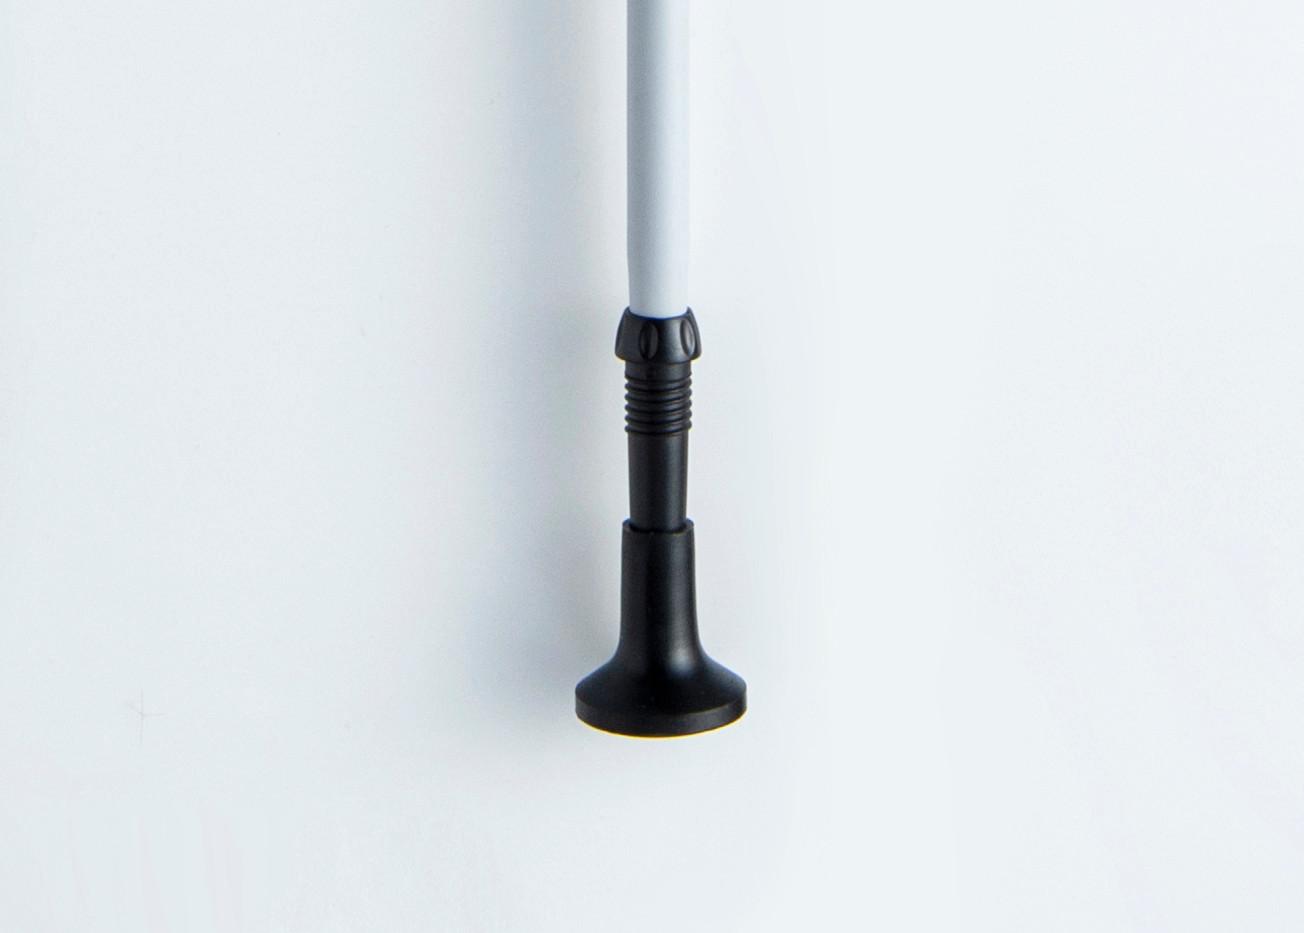 ポールの突き角度に追従し、広い設置面積を確保する先端ゴム ポールの突き角度に追従する首ふり設計で、地面をしっかりキャッチする安定感